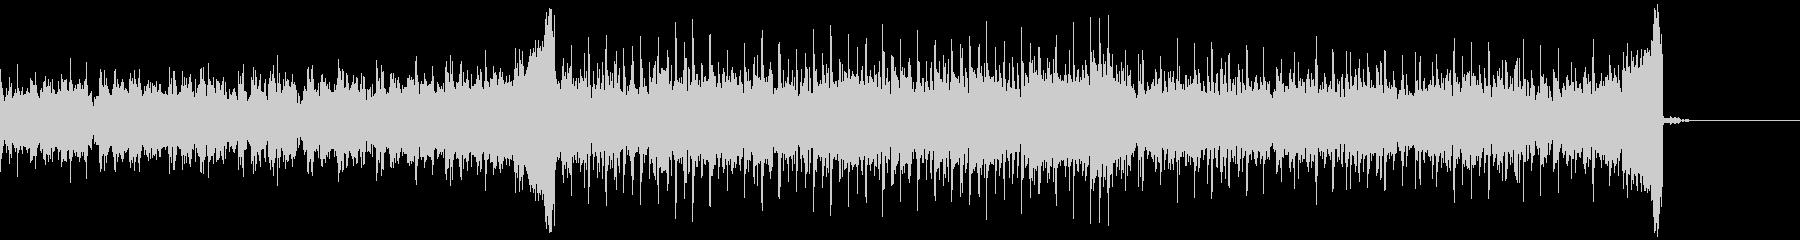 シンセ中心の軽快なポップスの未再生の波形